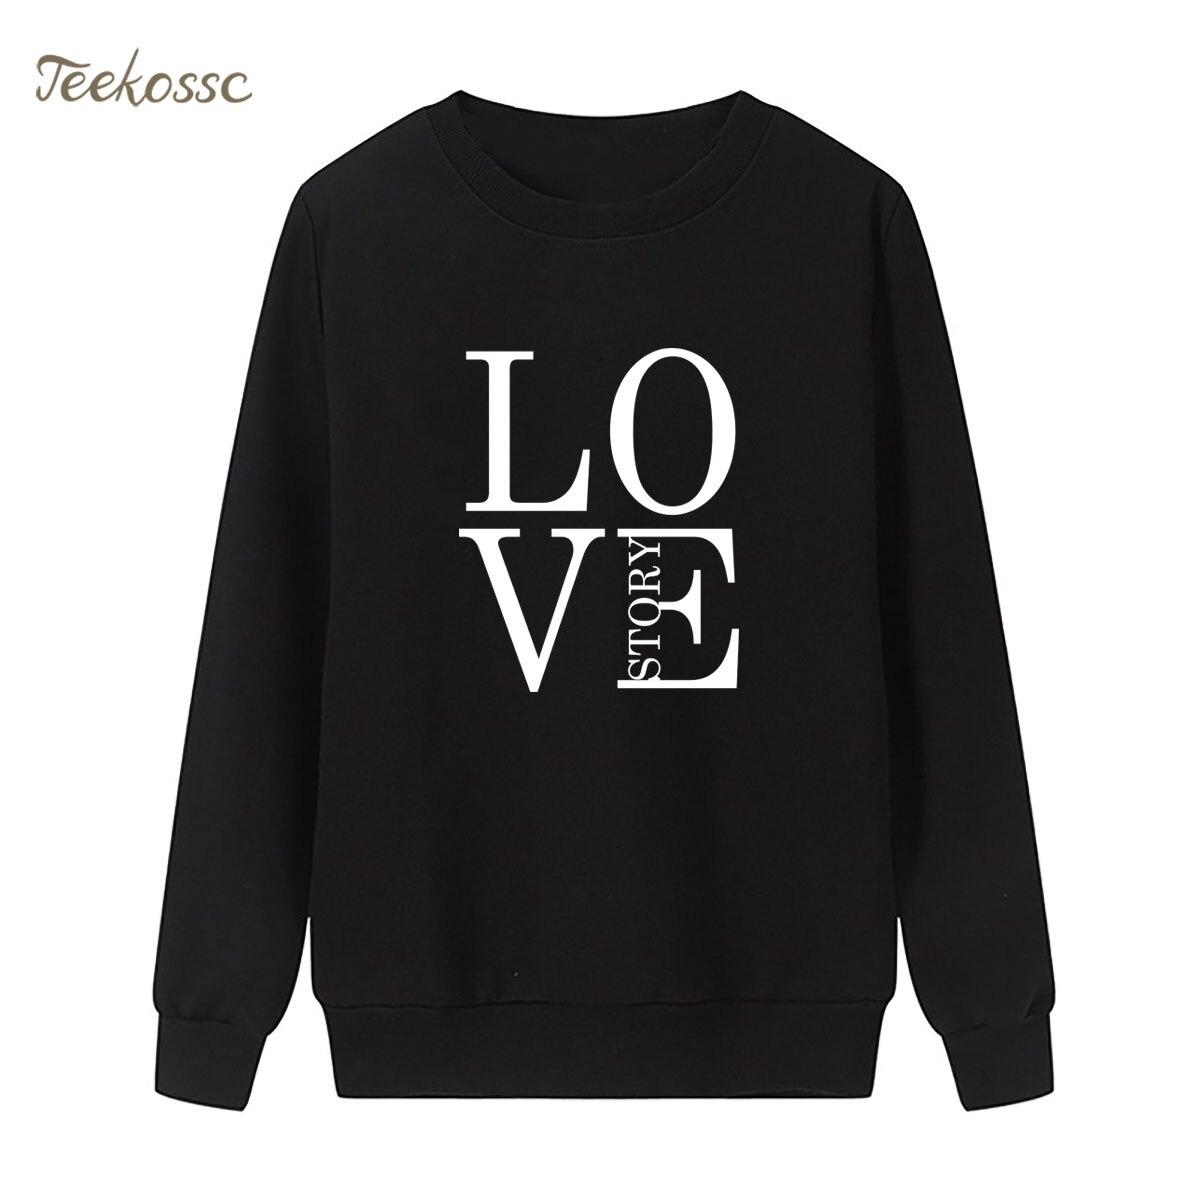 Love Story Sweatshirt New Fashion Print Hoodie Winter Autumn Women Lasdies Pullover Loose Fleece Streetwear Casual Sportswear